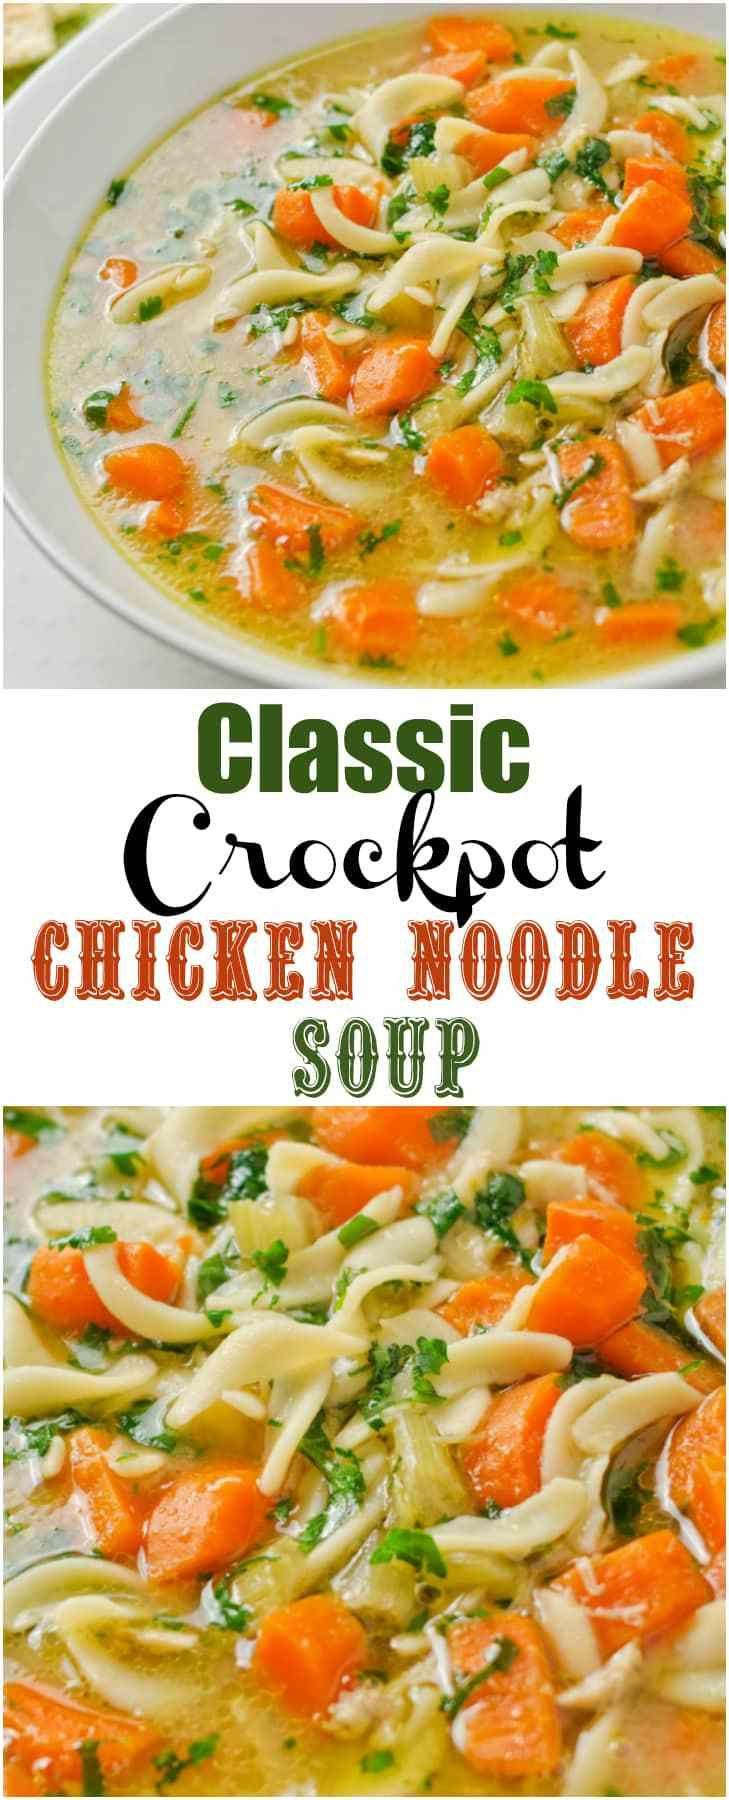 classic crock pot chicken noodle soup  recipe  slow